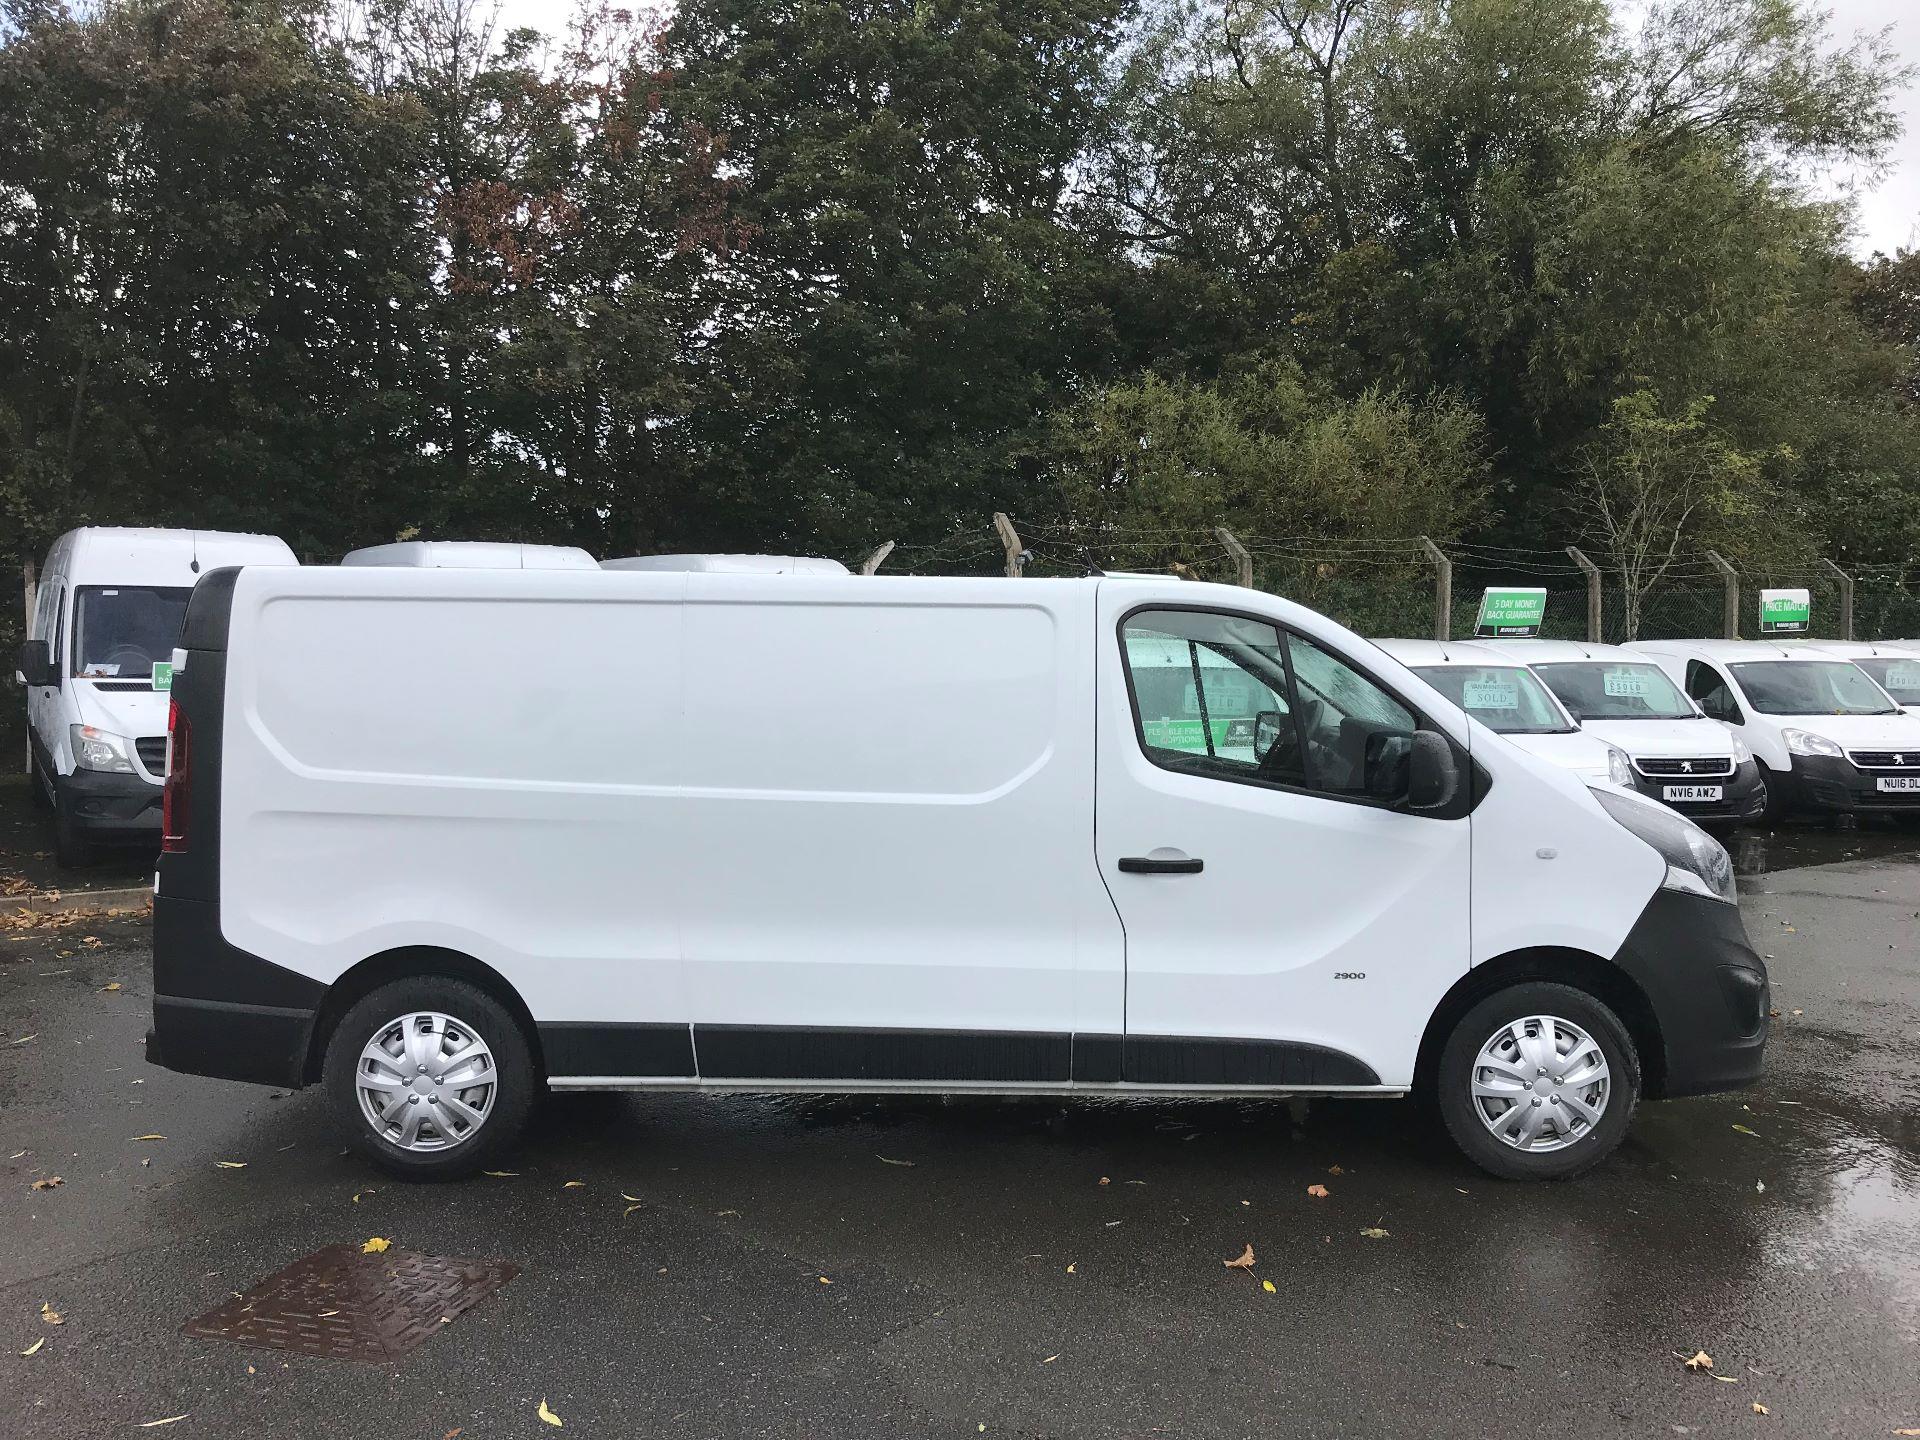 2017 Vauxhall Vivaro L2 H1 2900 1.6CDTI 120PS EURO 6 (DV67WJG) Image 8